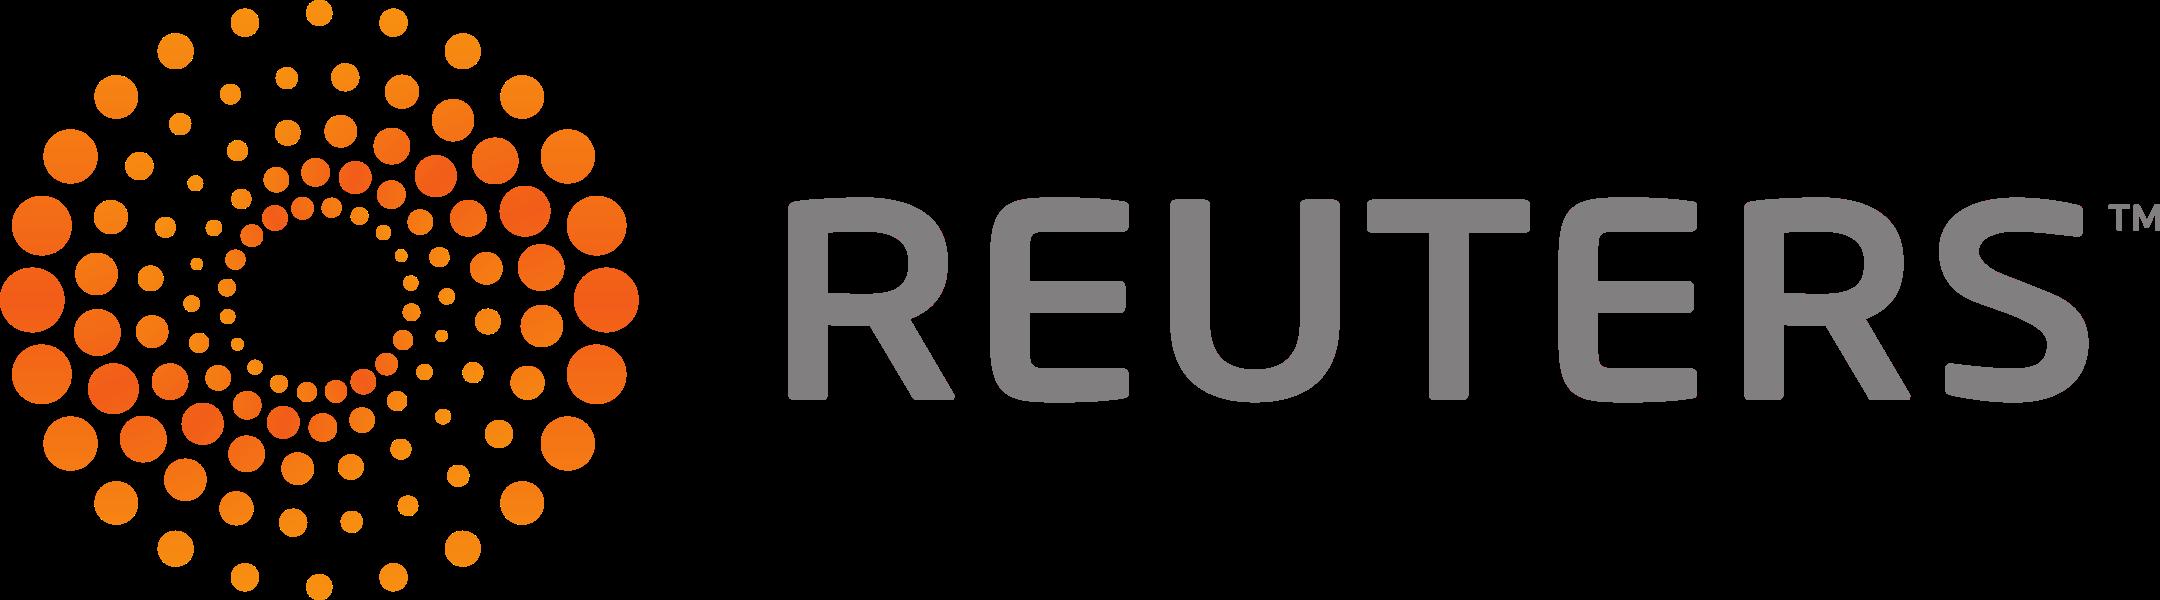 reuters logo 1 - Reuters Logo